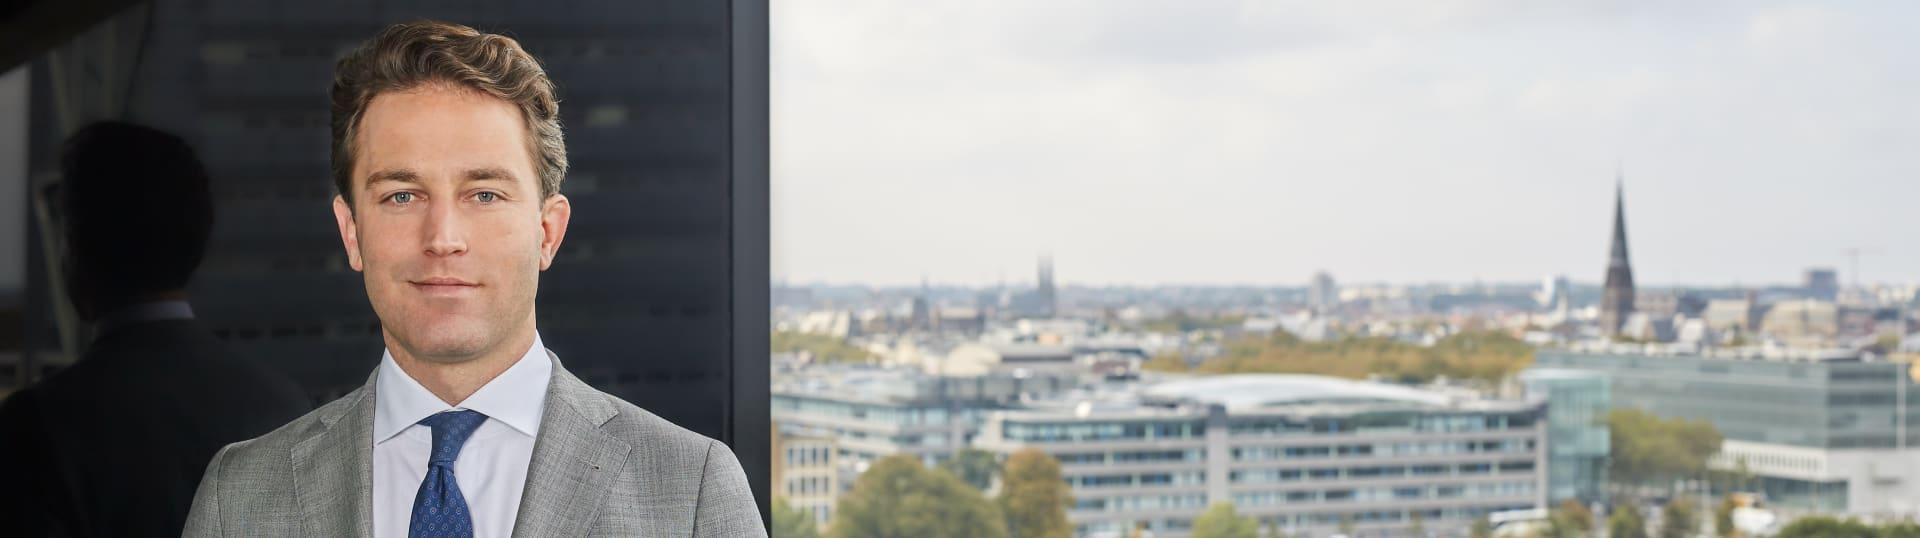 Aart Jan van der Ven, advocaat Pels Rijcken